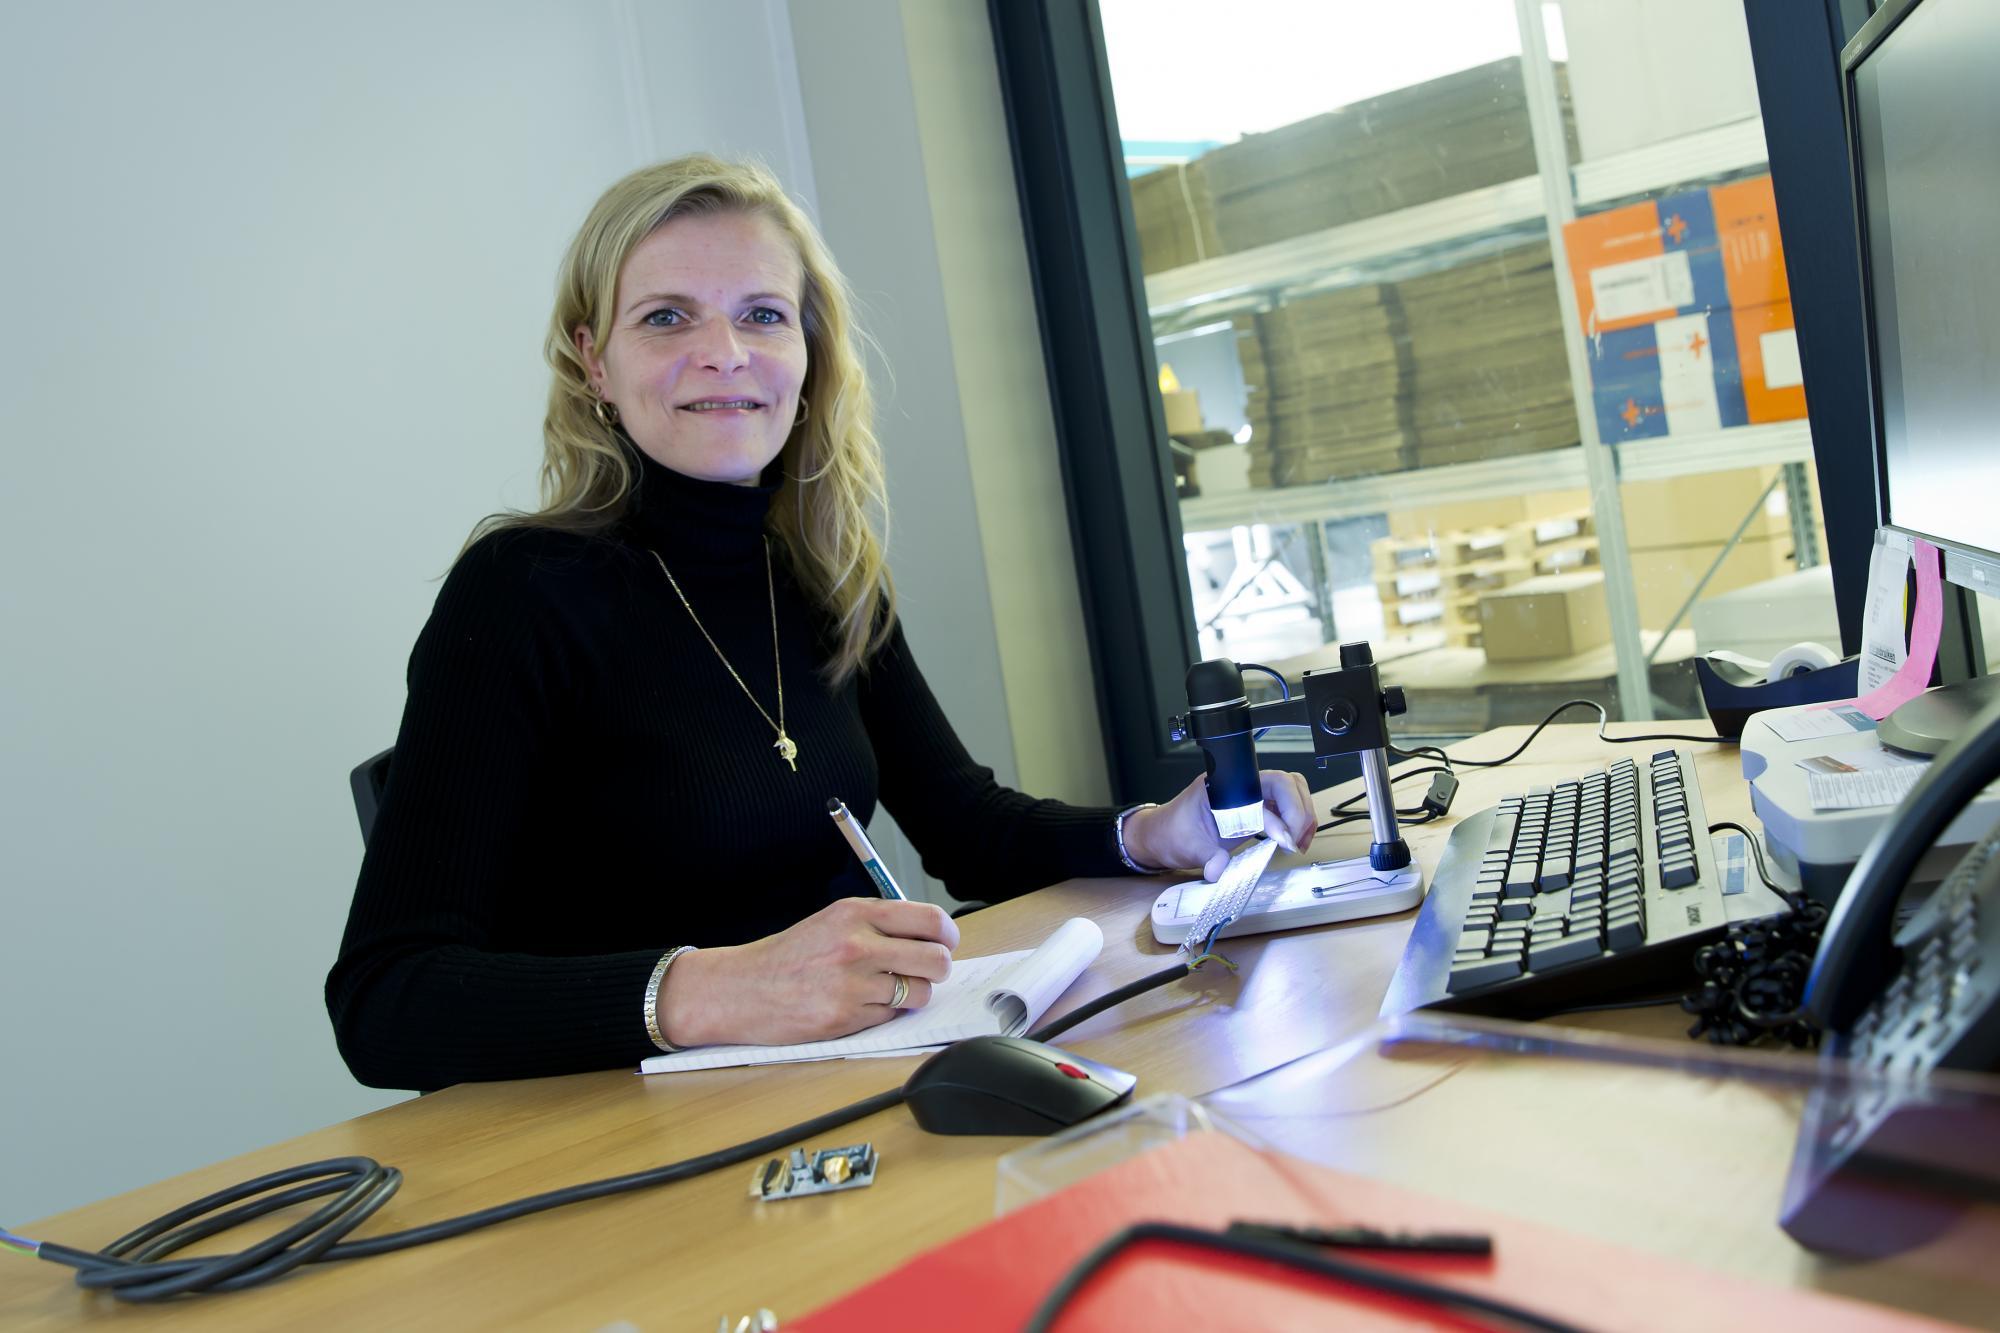 Anneli Baks aan de slag als Quality Assistant bij het Eindhovense bedrijf AAA-LUX, dat led-schijnwerpers voor sportvelden ontwikkelt en produceert